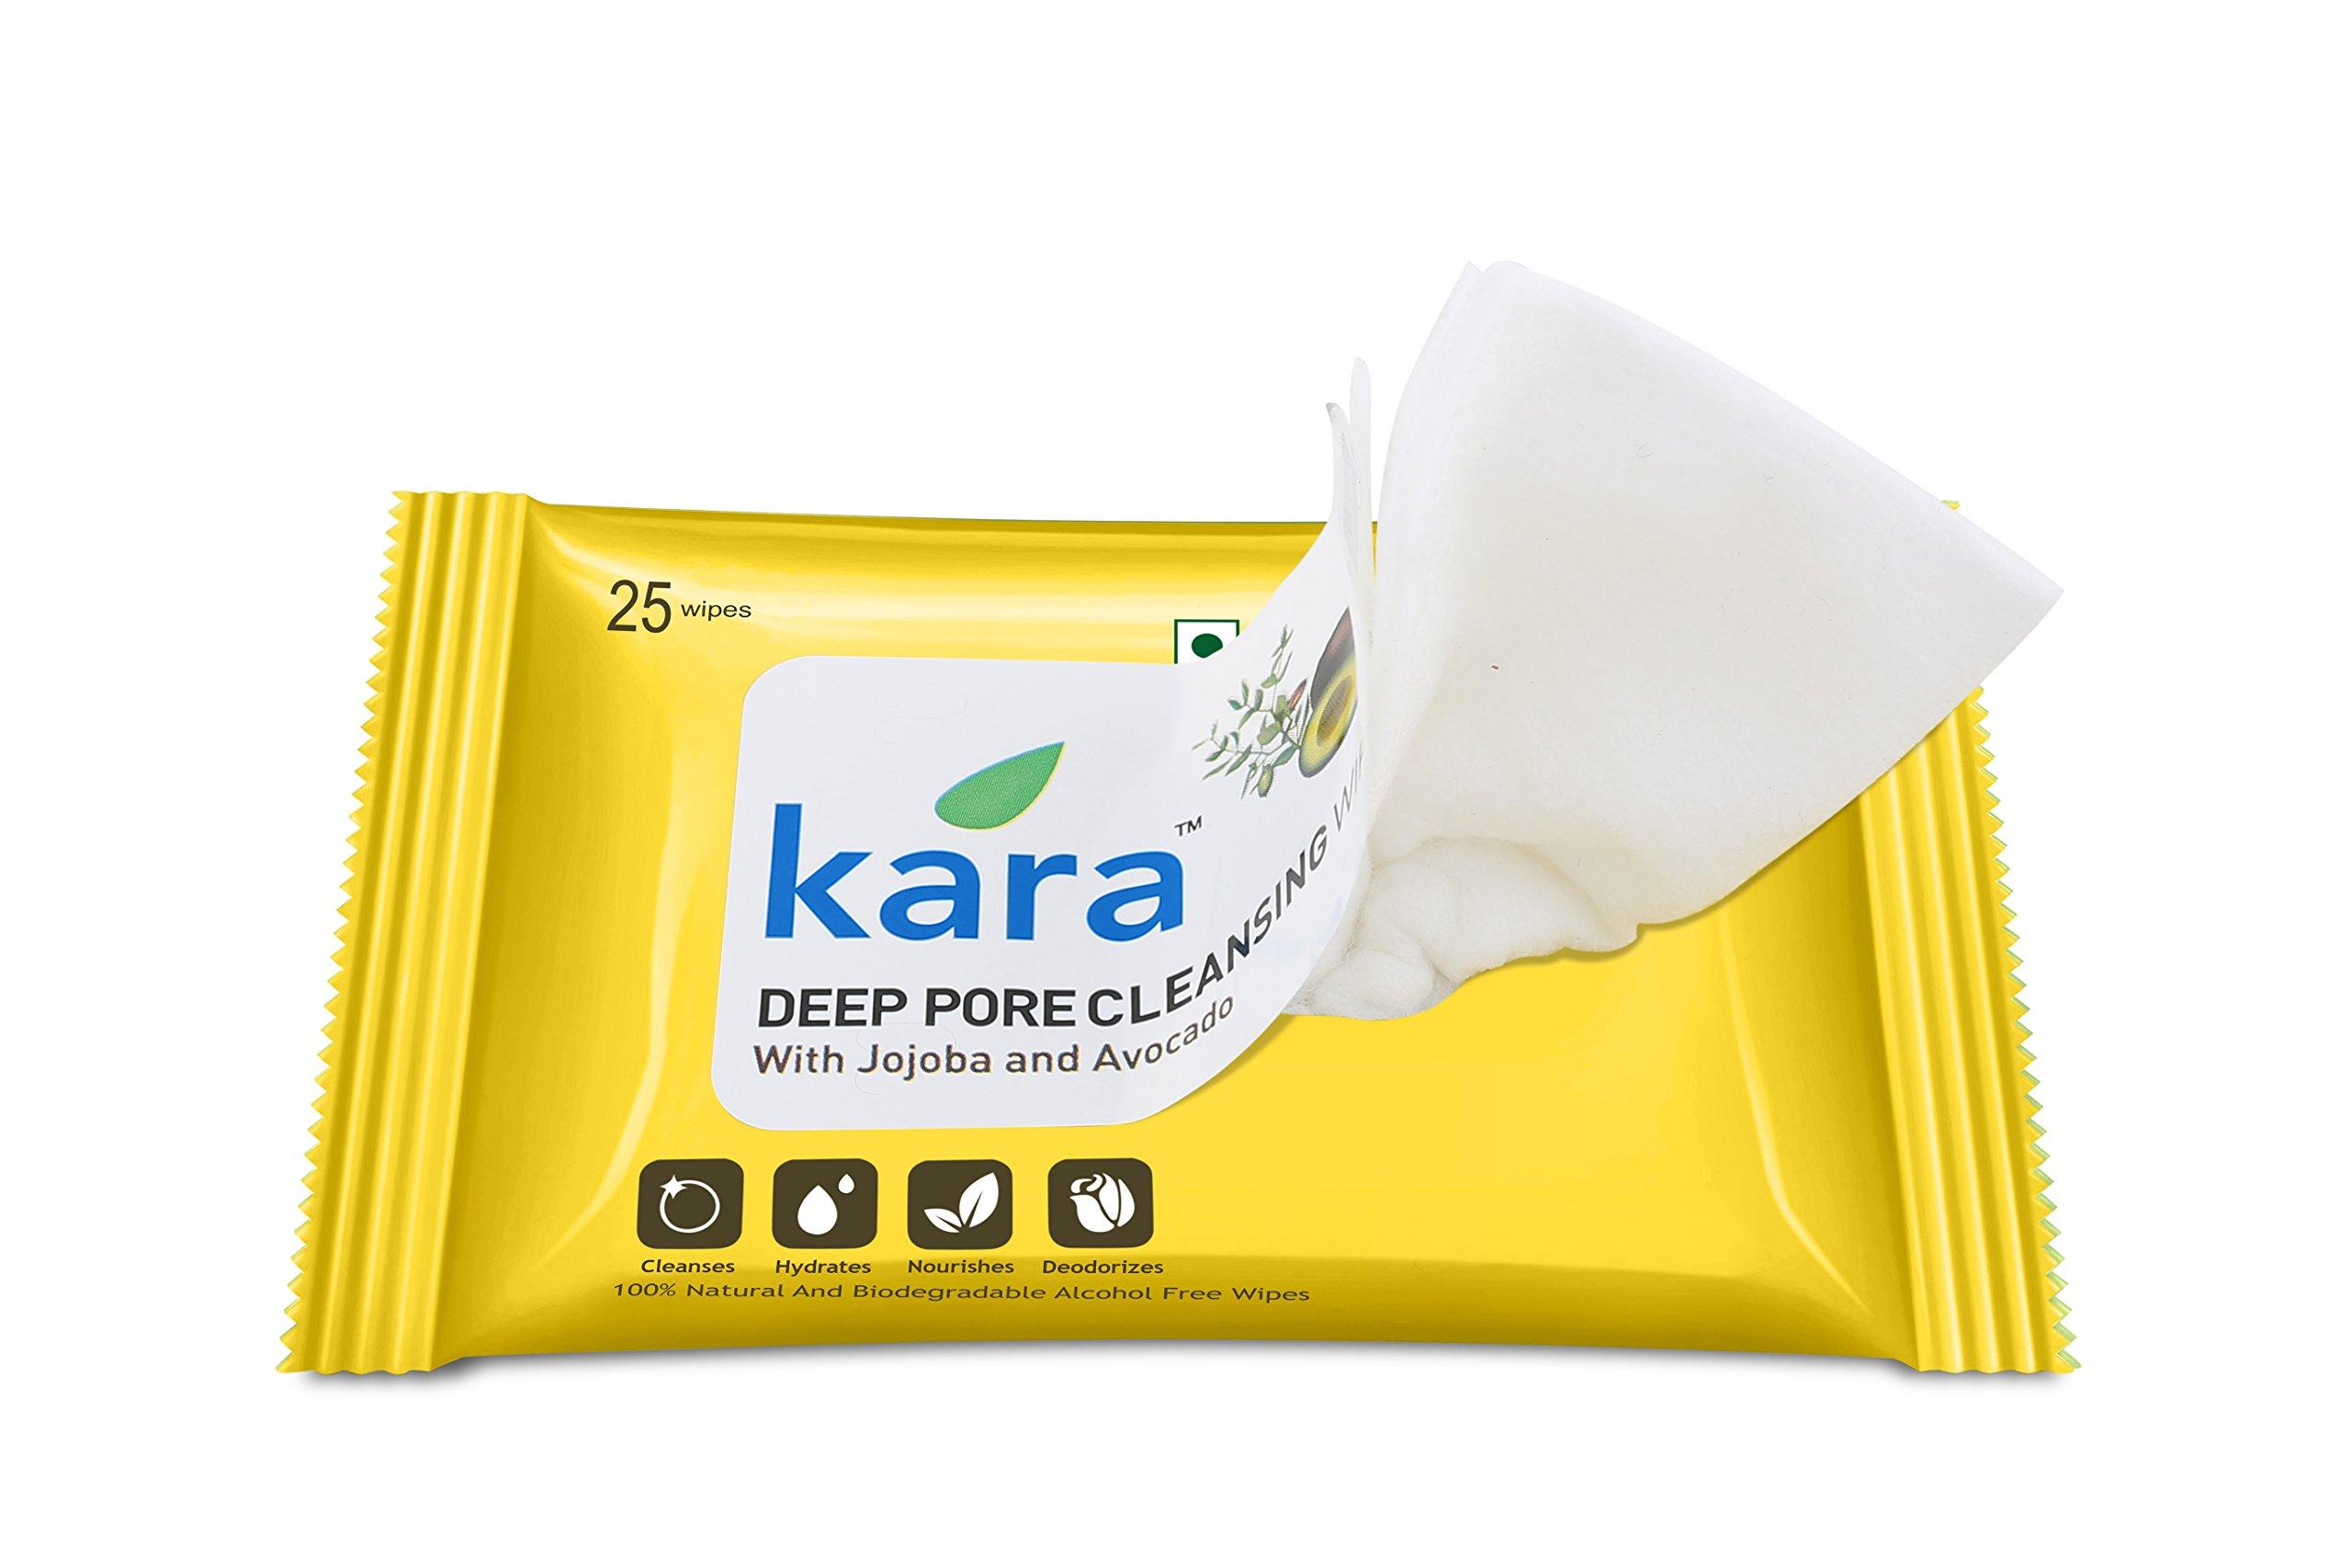 Kara Deep Pore Cleansing Face Wipes - Viscose Fibre - Jojoba & Avocado - 25Pcs